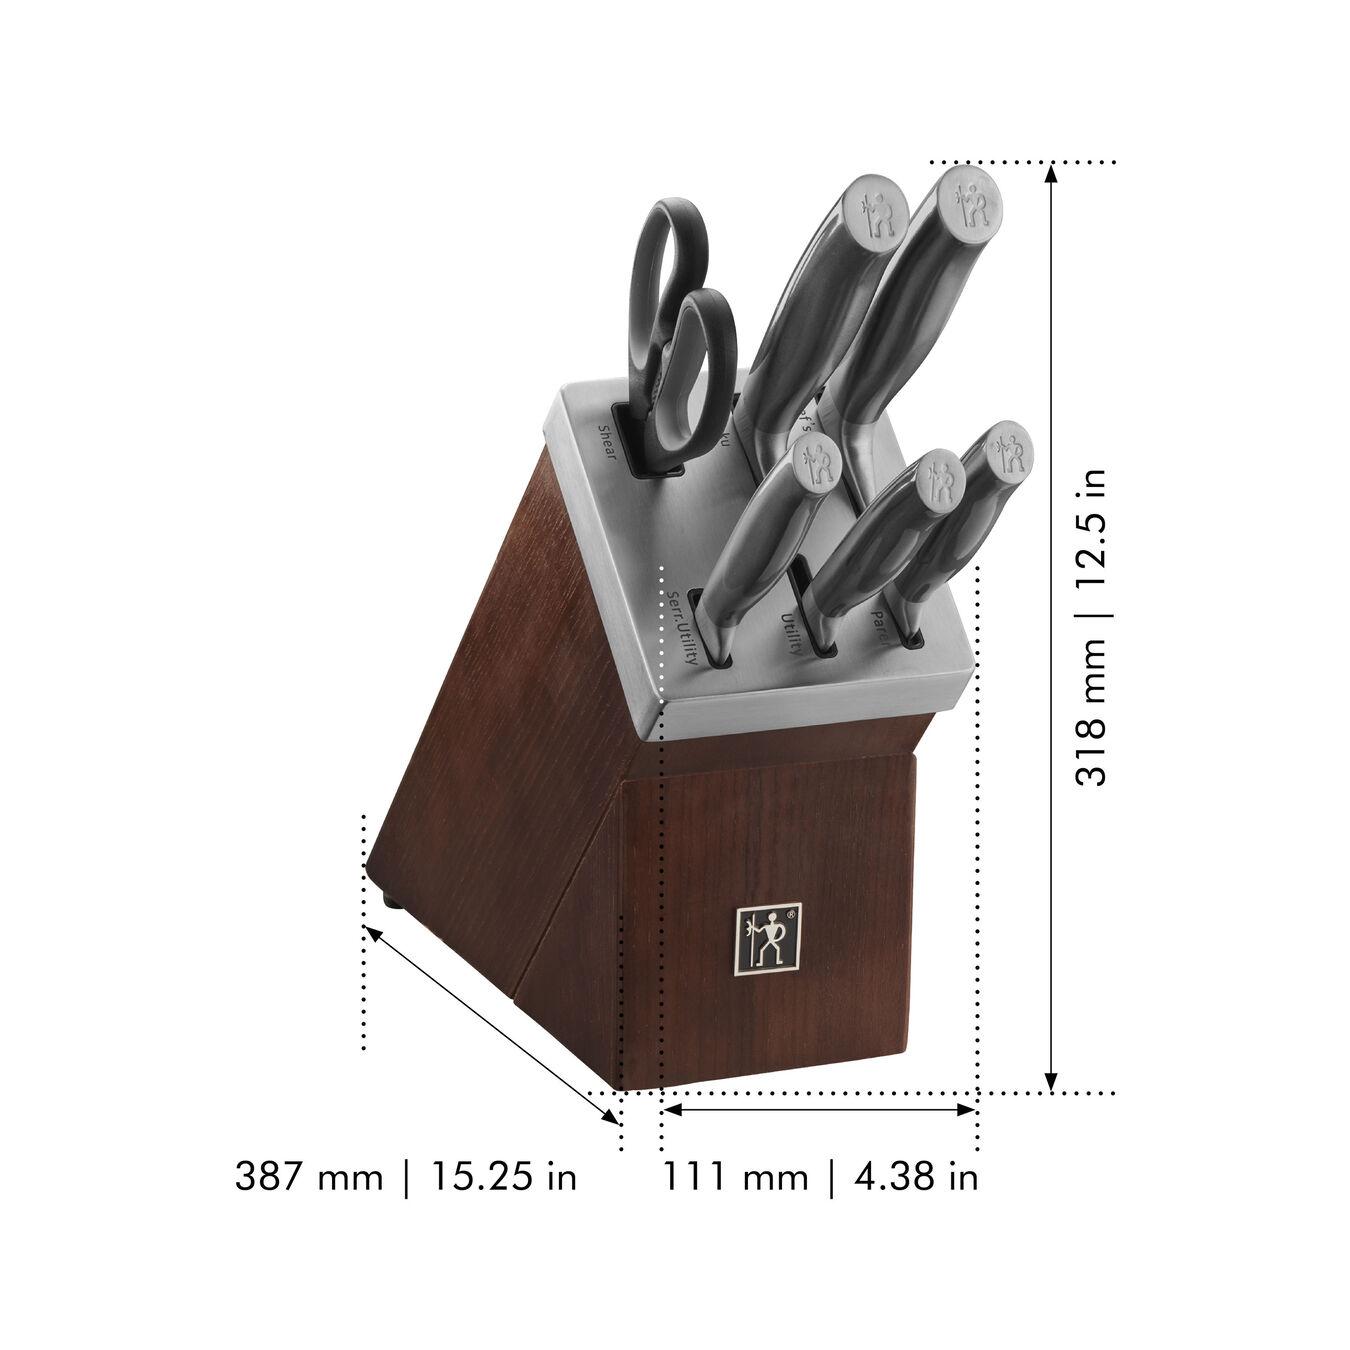 7-pc, Self-Sharpening Knife Block Set,,large 2